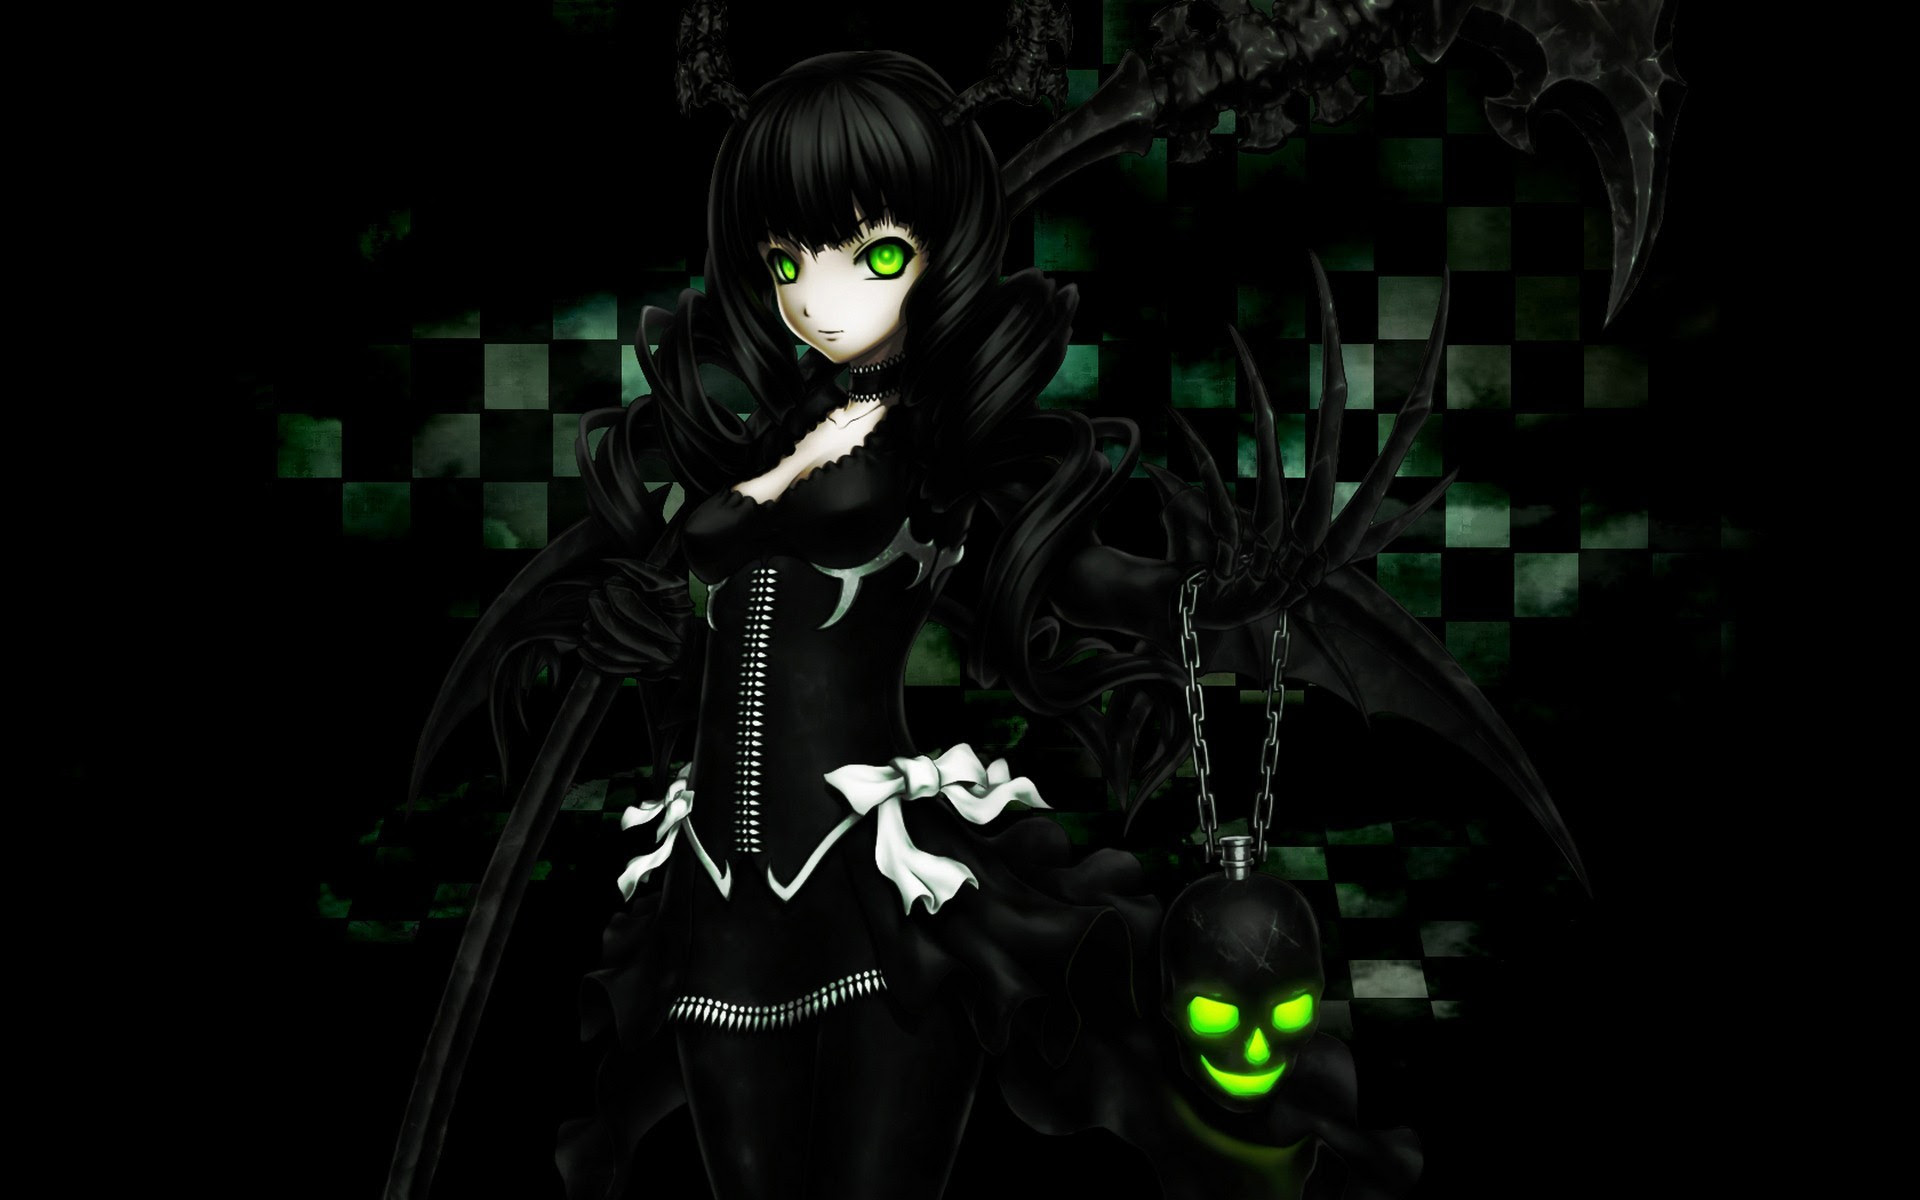 Dark Anime Girl Wallpaper 61 Images